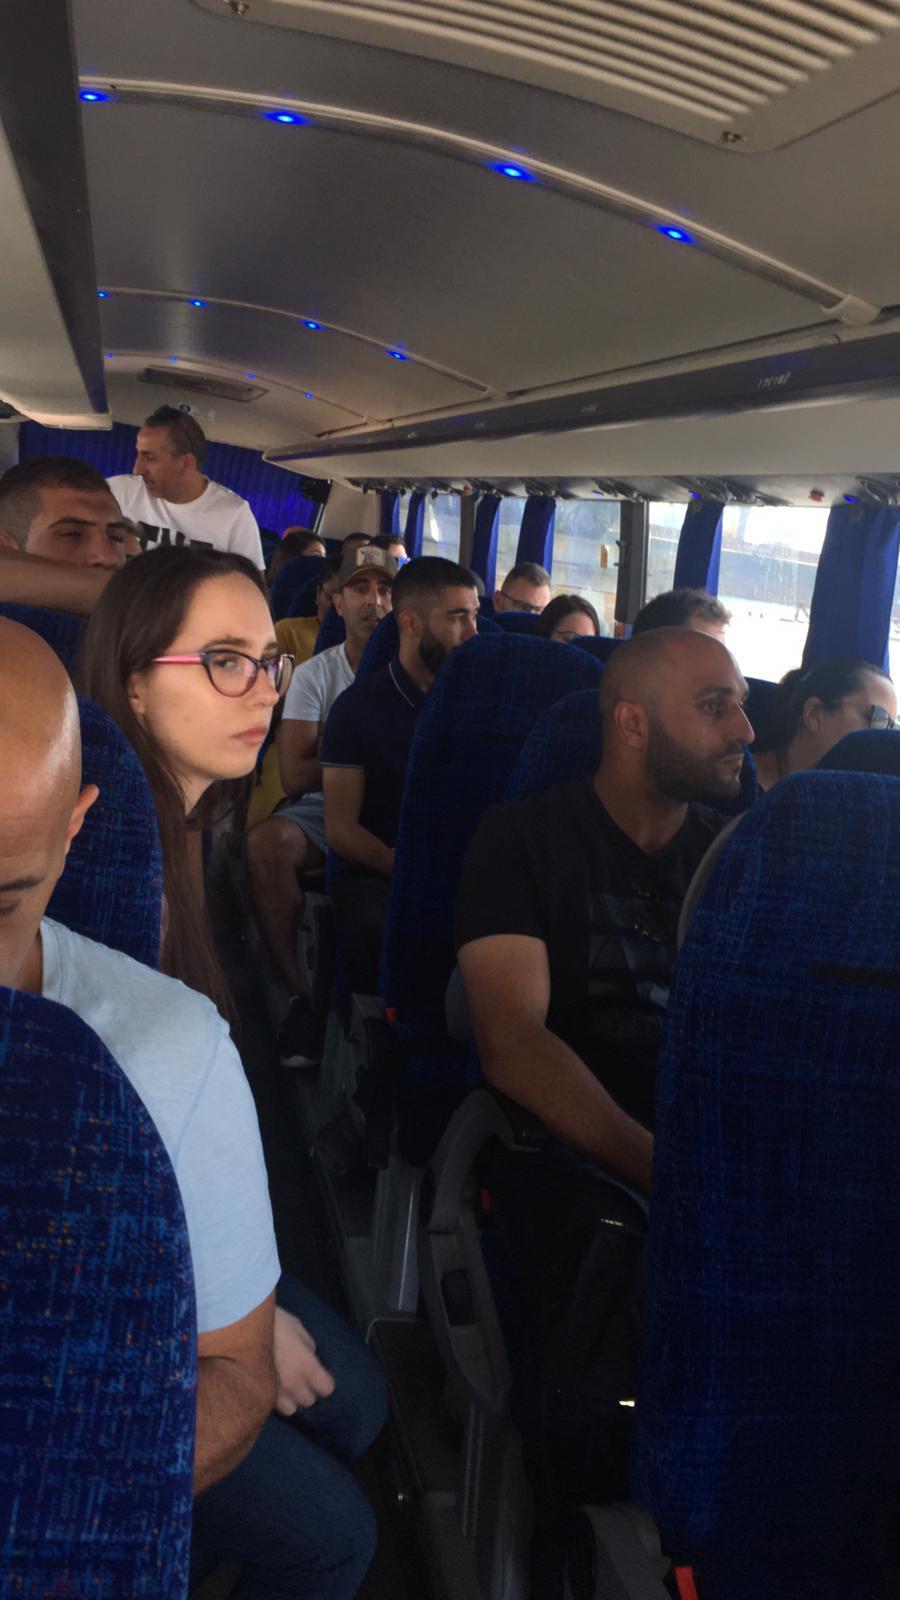 גלרייה - סיור לנמל אשדוד ספטמבר 2019, 12 מתוך 29